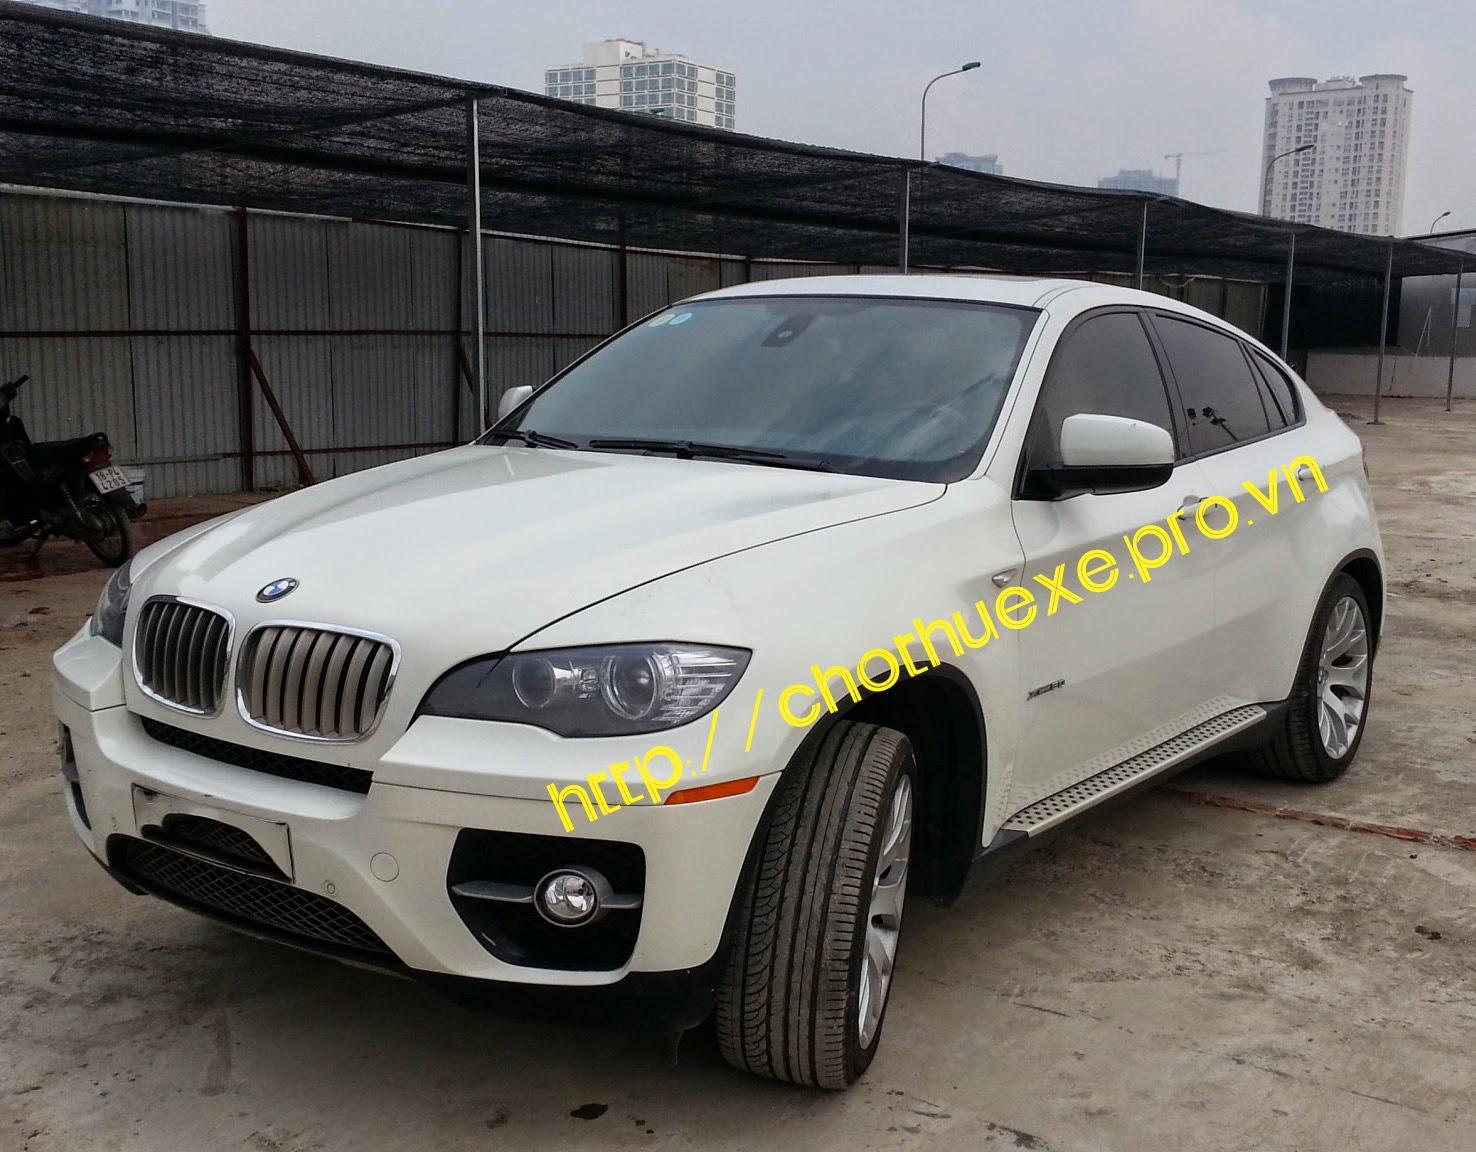 cho-thue-xe-cuoi-BMW-Duc-Vinh-Trans